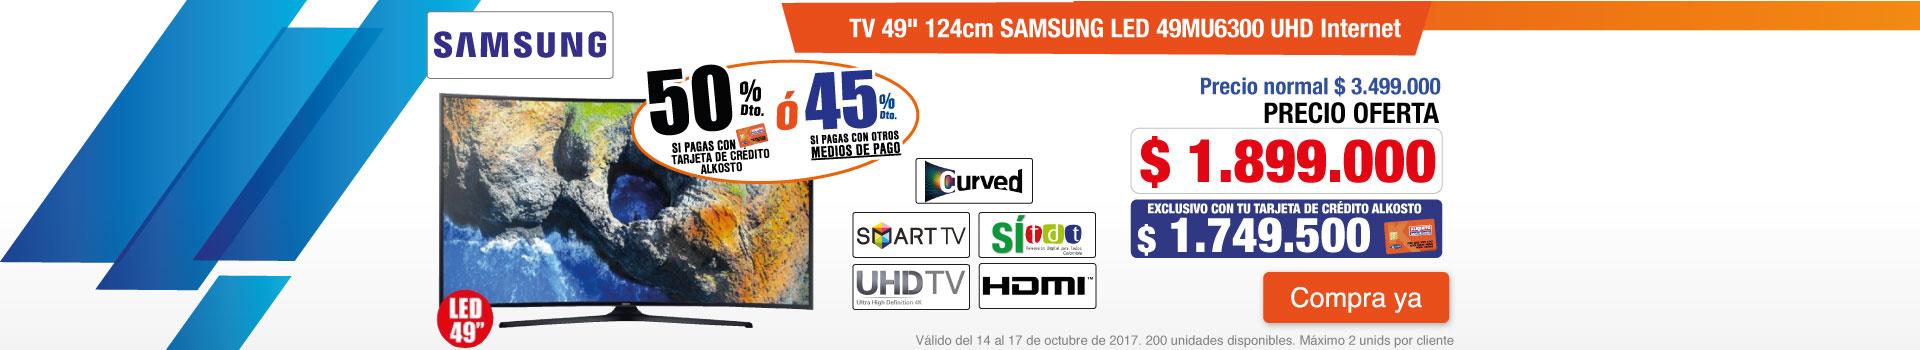 CATE AK-3-TELEVISOR SG 49MU63-TV-OCTU14-18